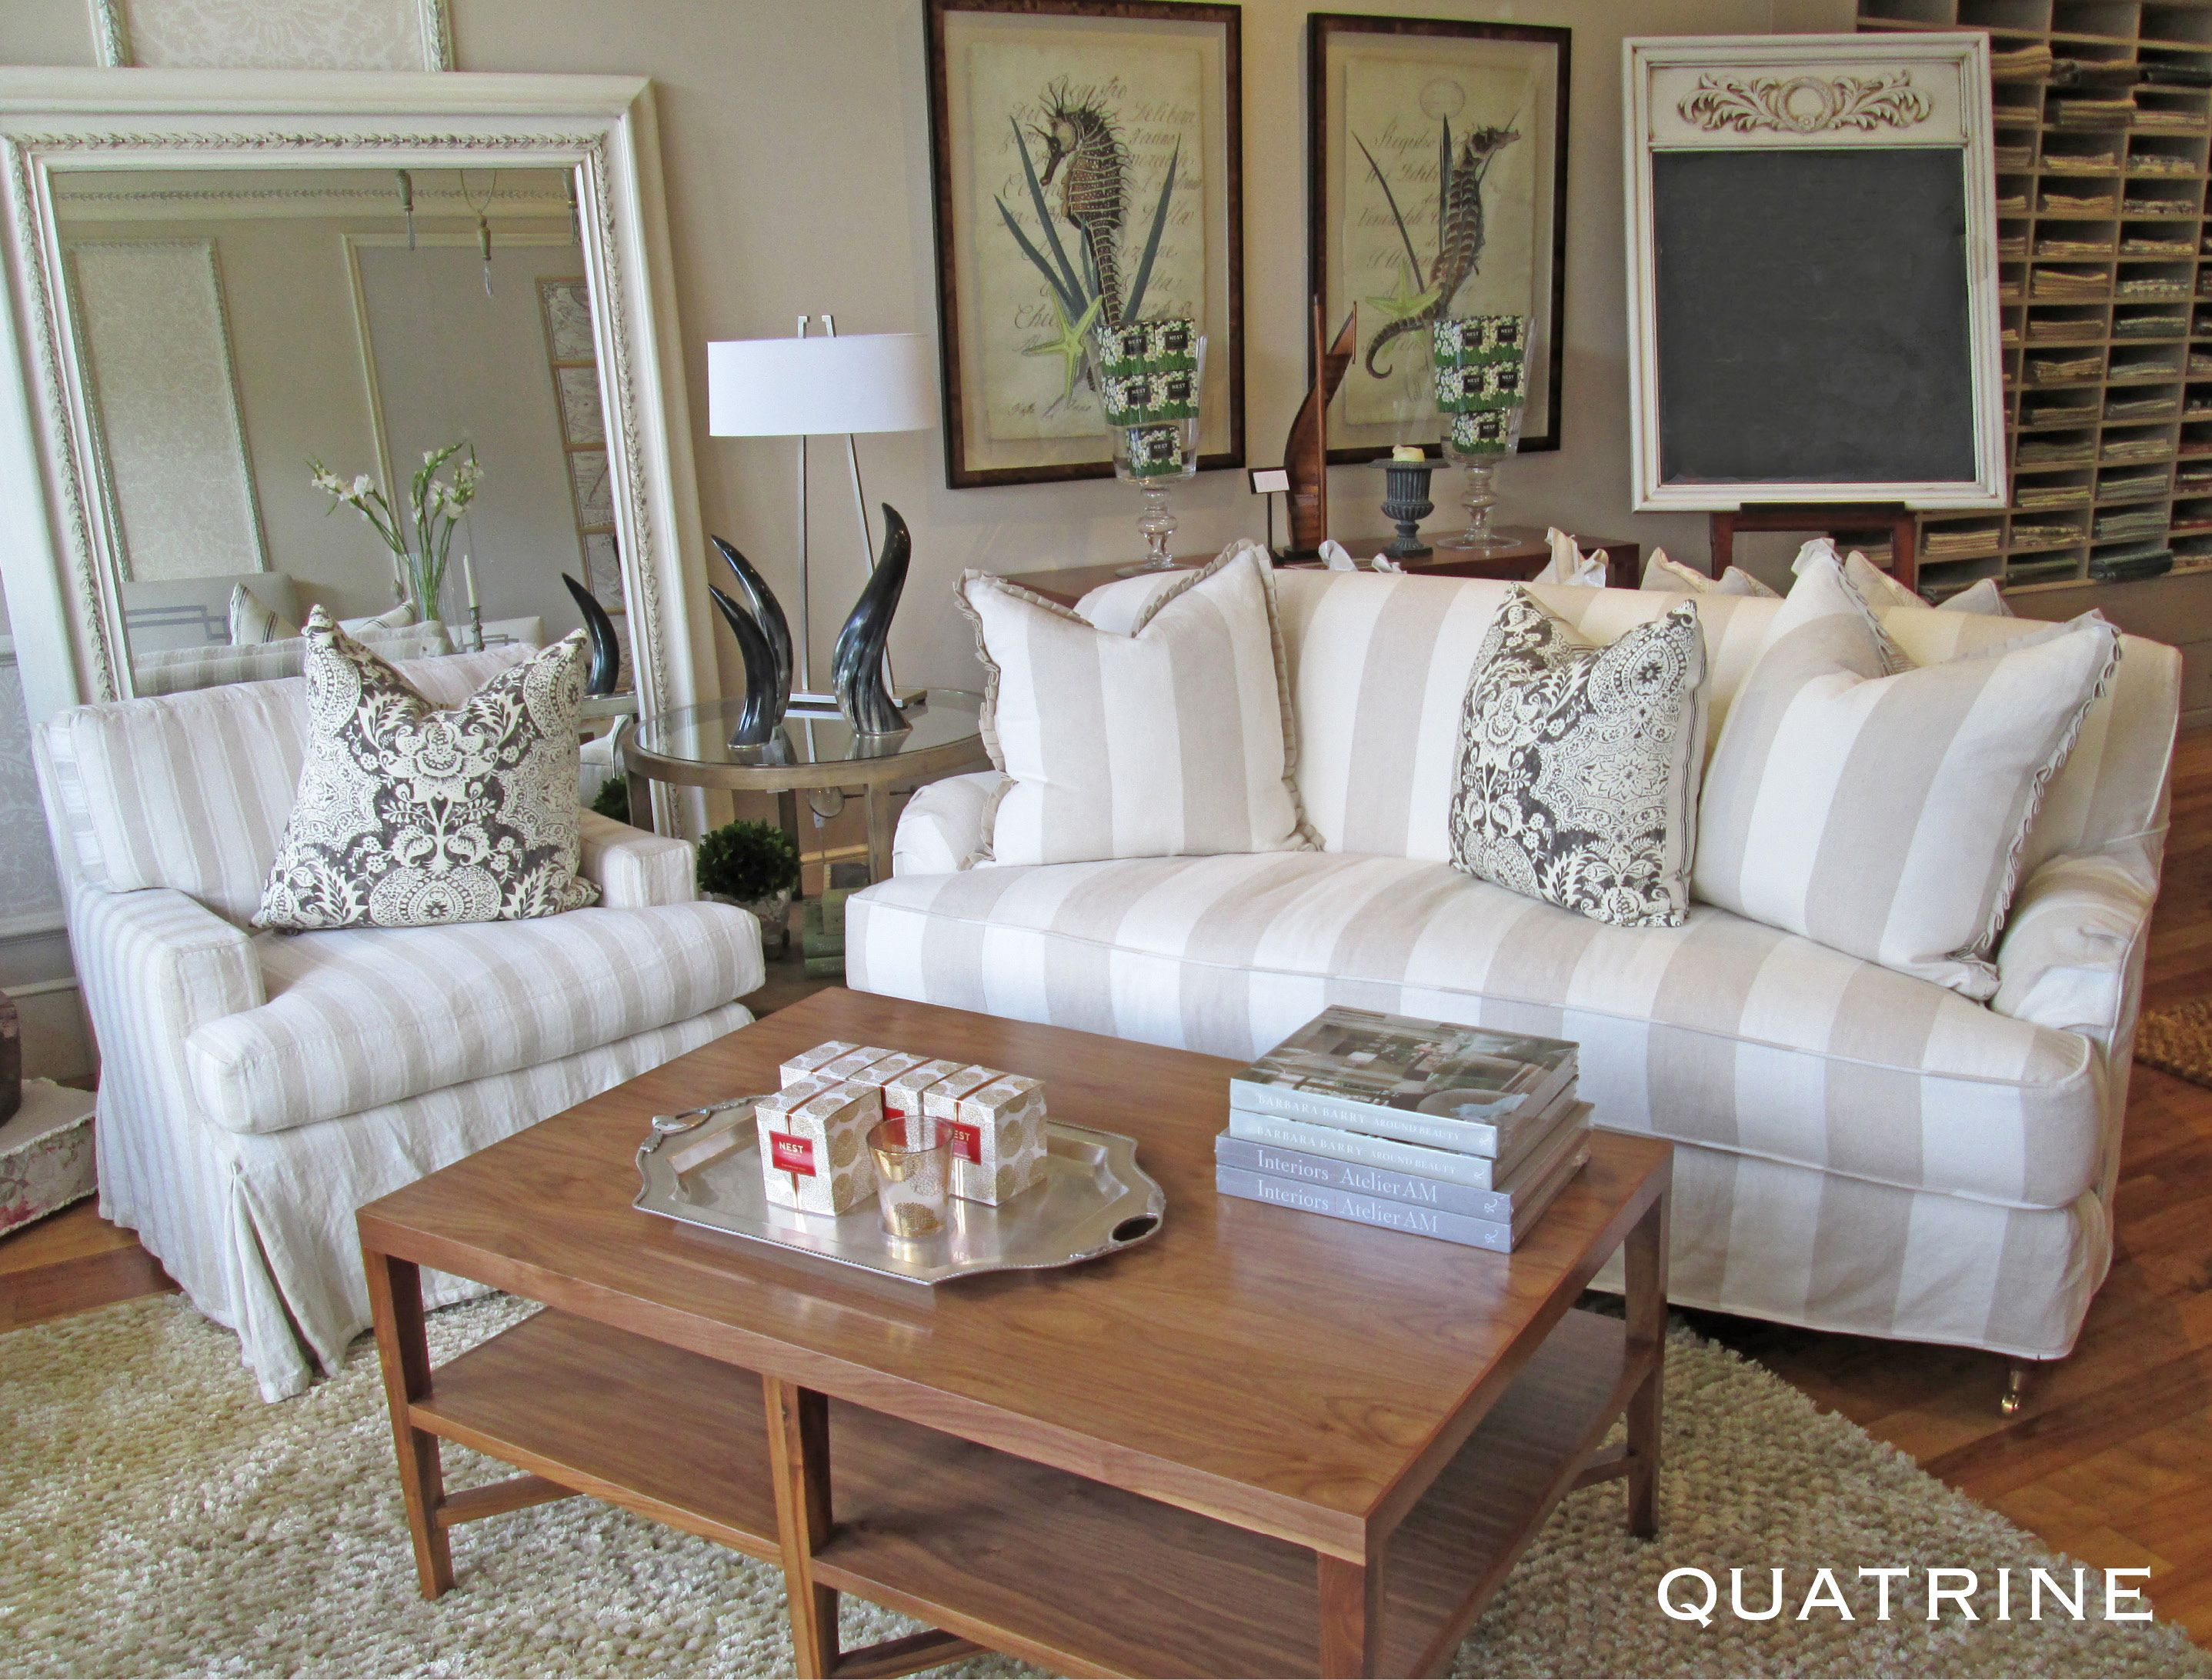 Quatrine   Manhattan Beach. Featuring Our New Moroccan Chair, London Sofa  And Carlisle Coffee